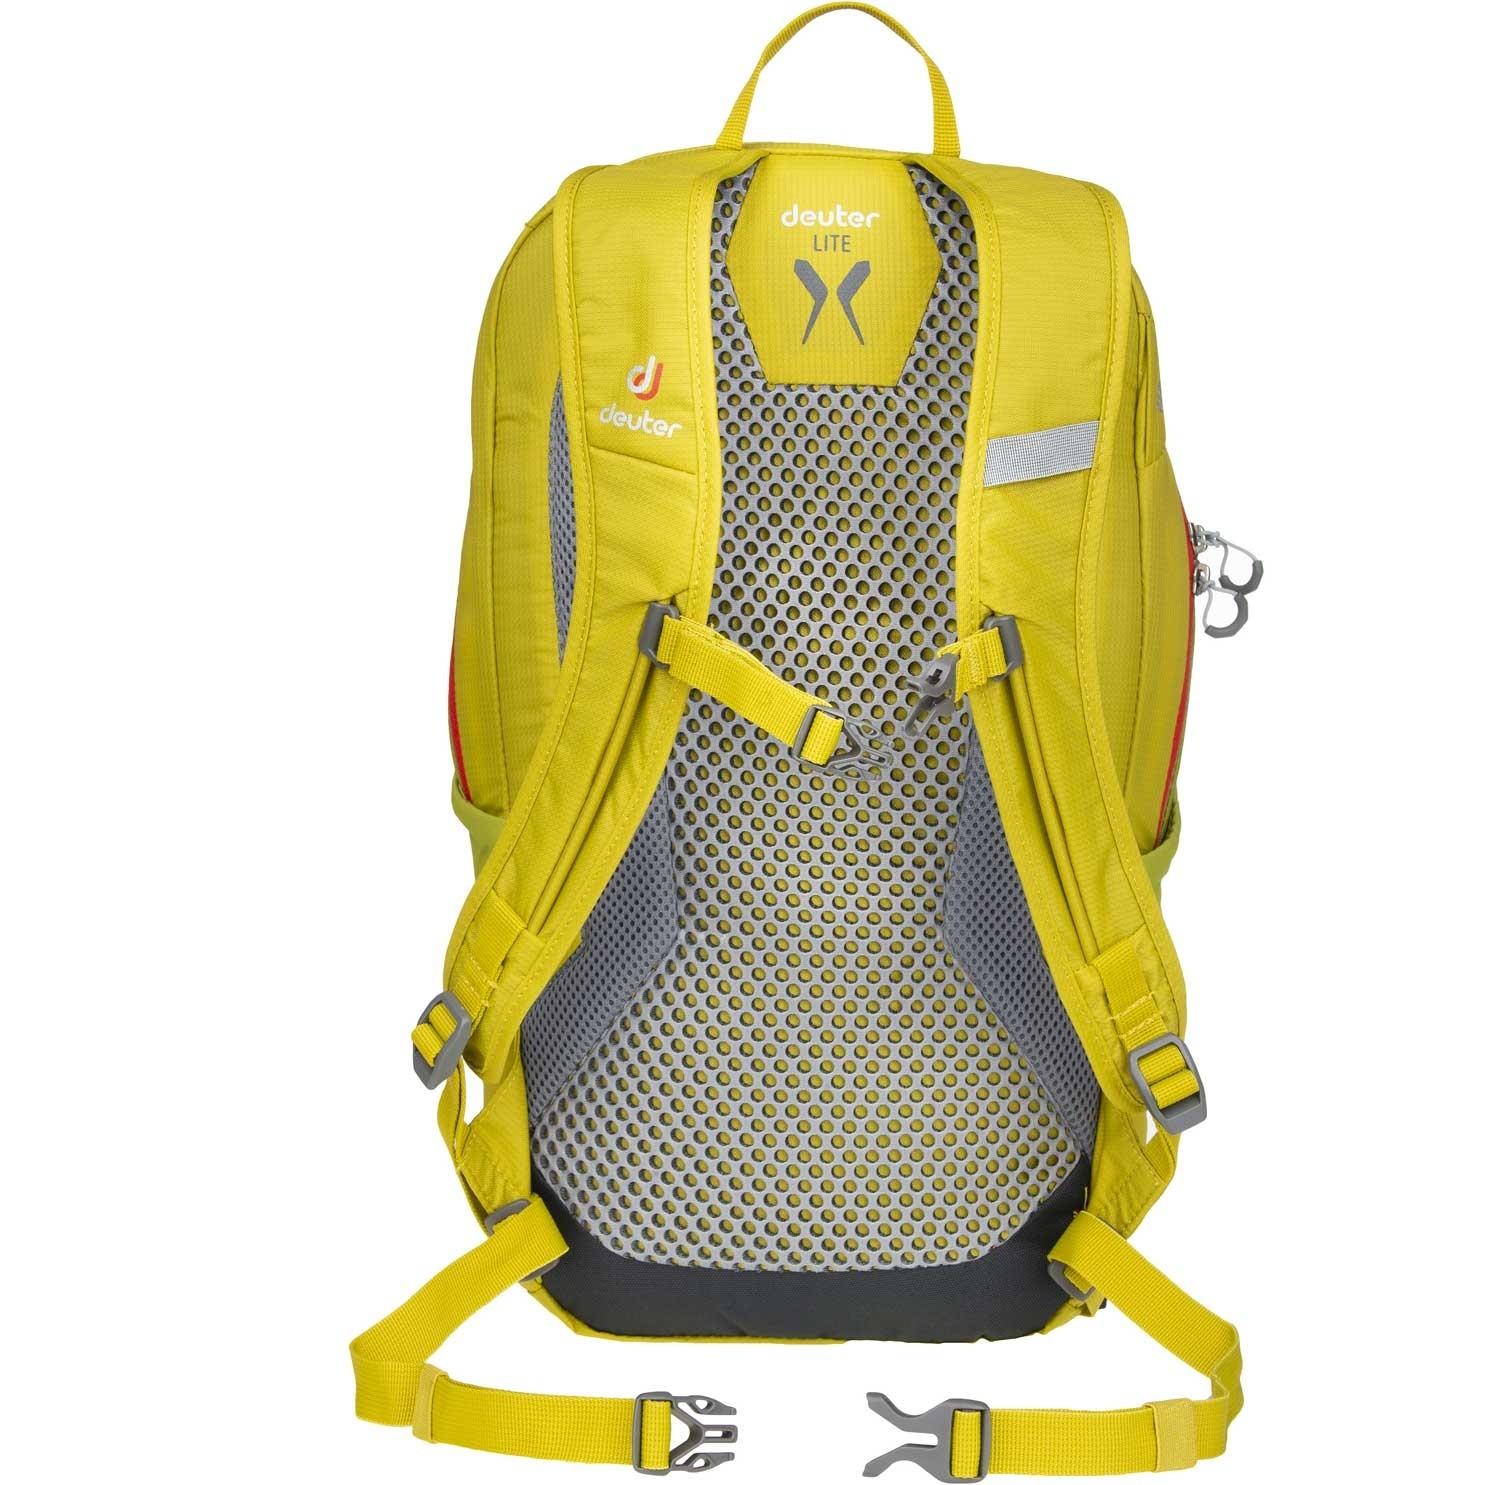 DEUTER - Speed Lite 12 Rucksack - Green Curry/Moss - Back system